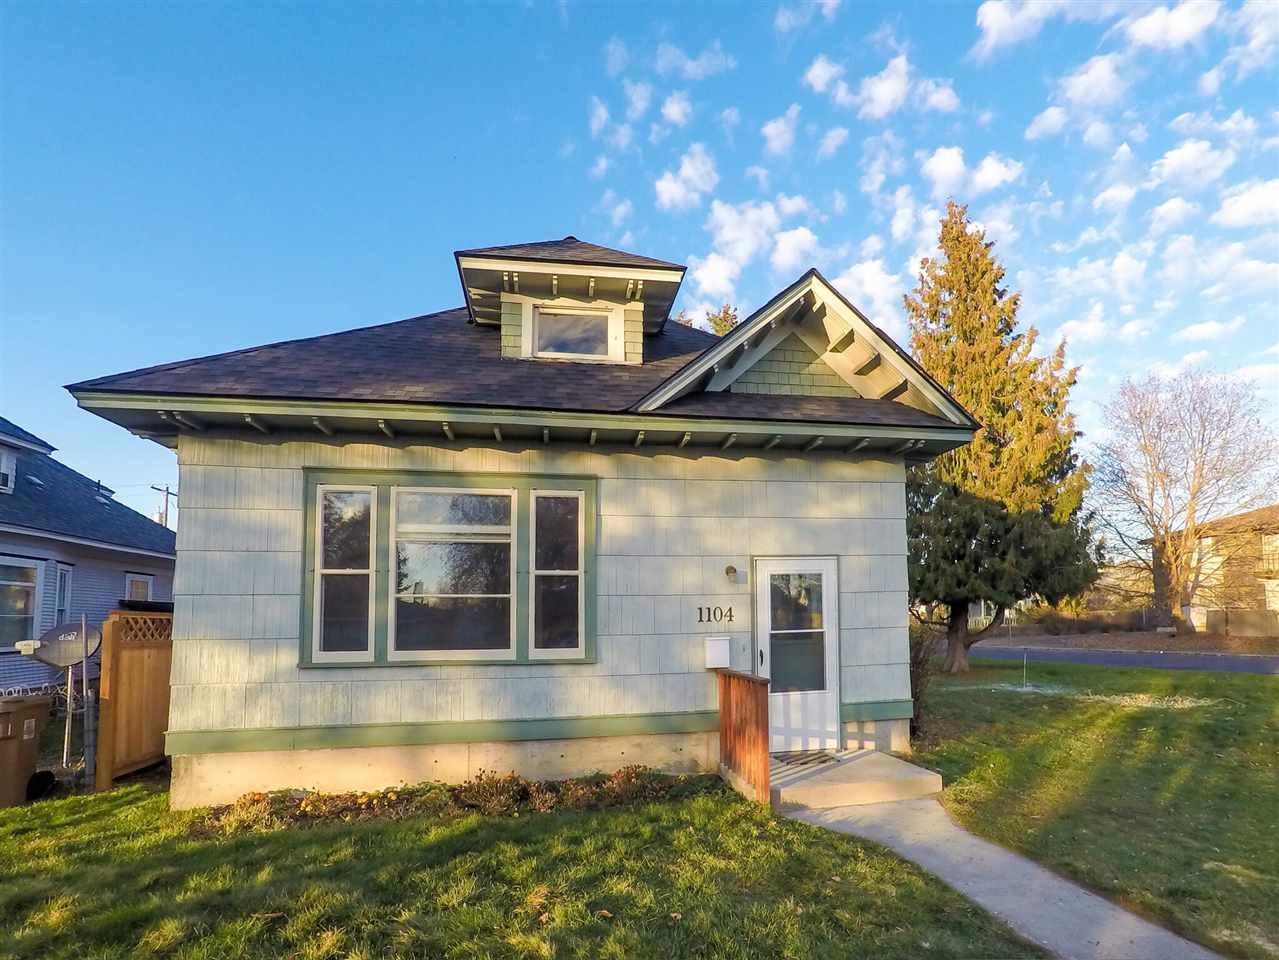 1104 W Frederick Ave, Spokane, WA 99205